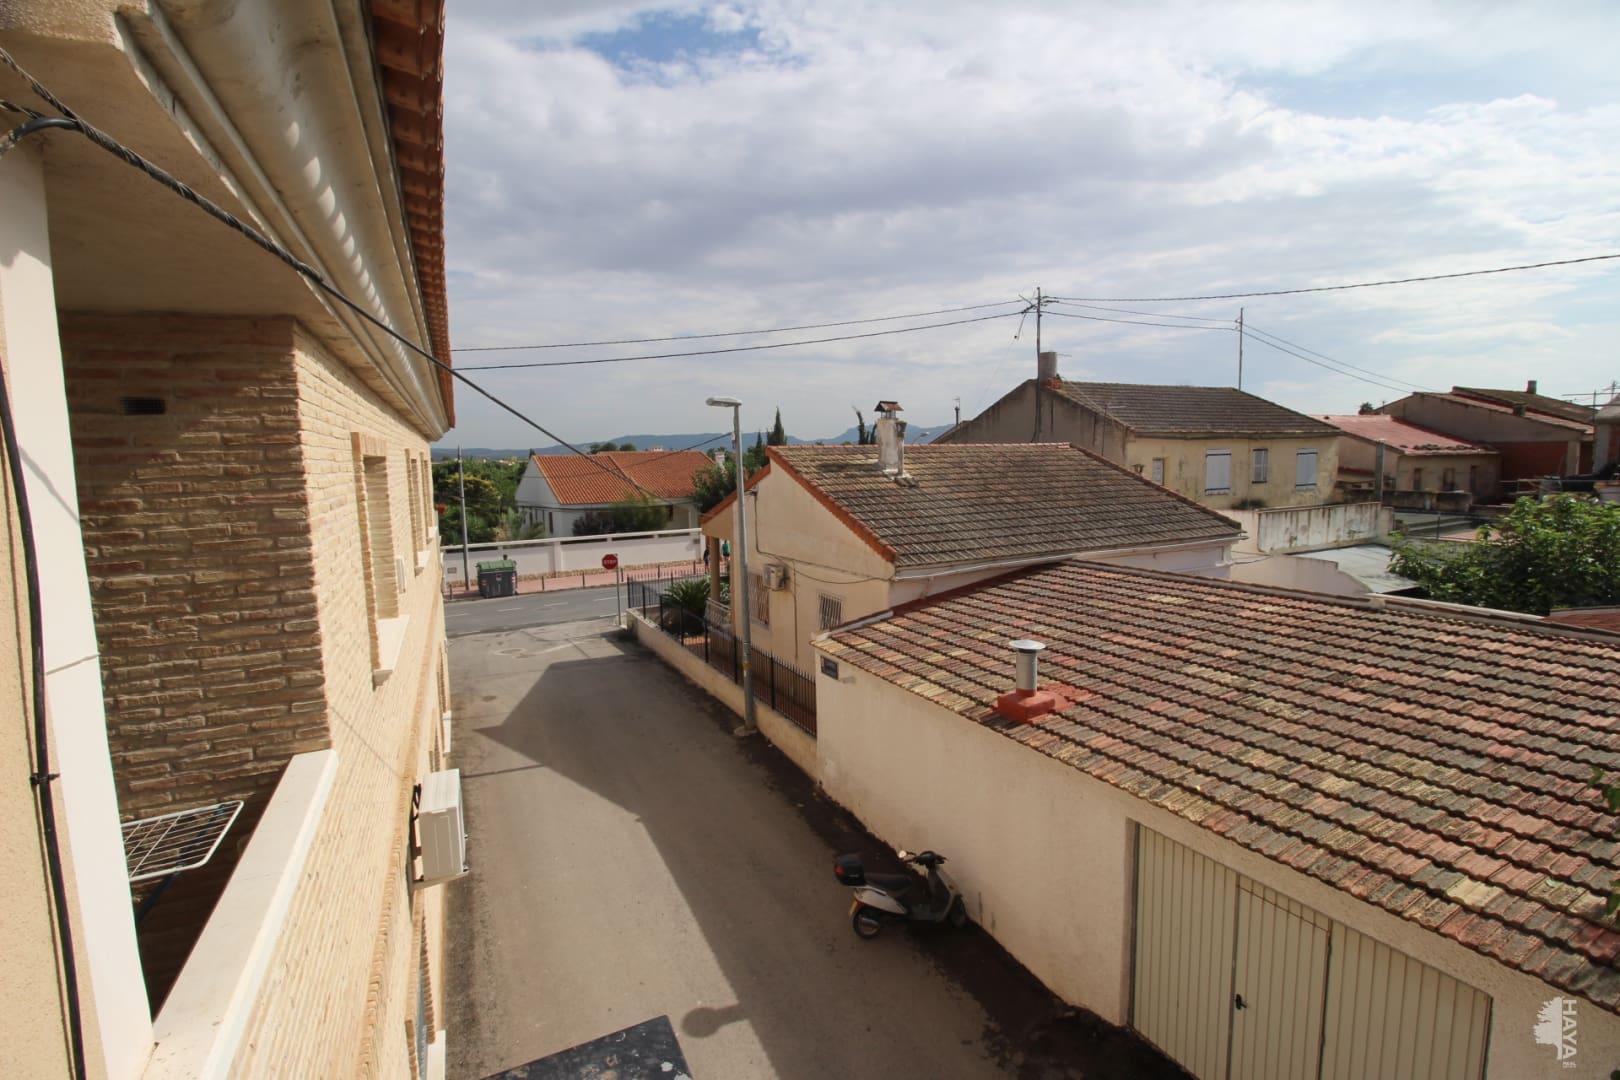 Piso en venta en Murcia, Murcia, Calle Miguel de la Nieves, 100.000 €, 4 habitaciones, 2 baños, 157 m2